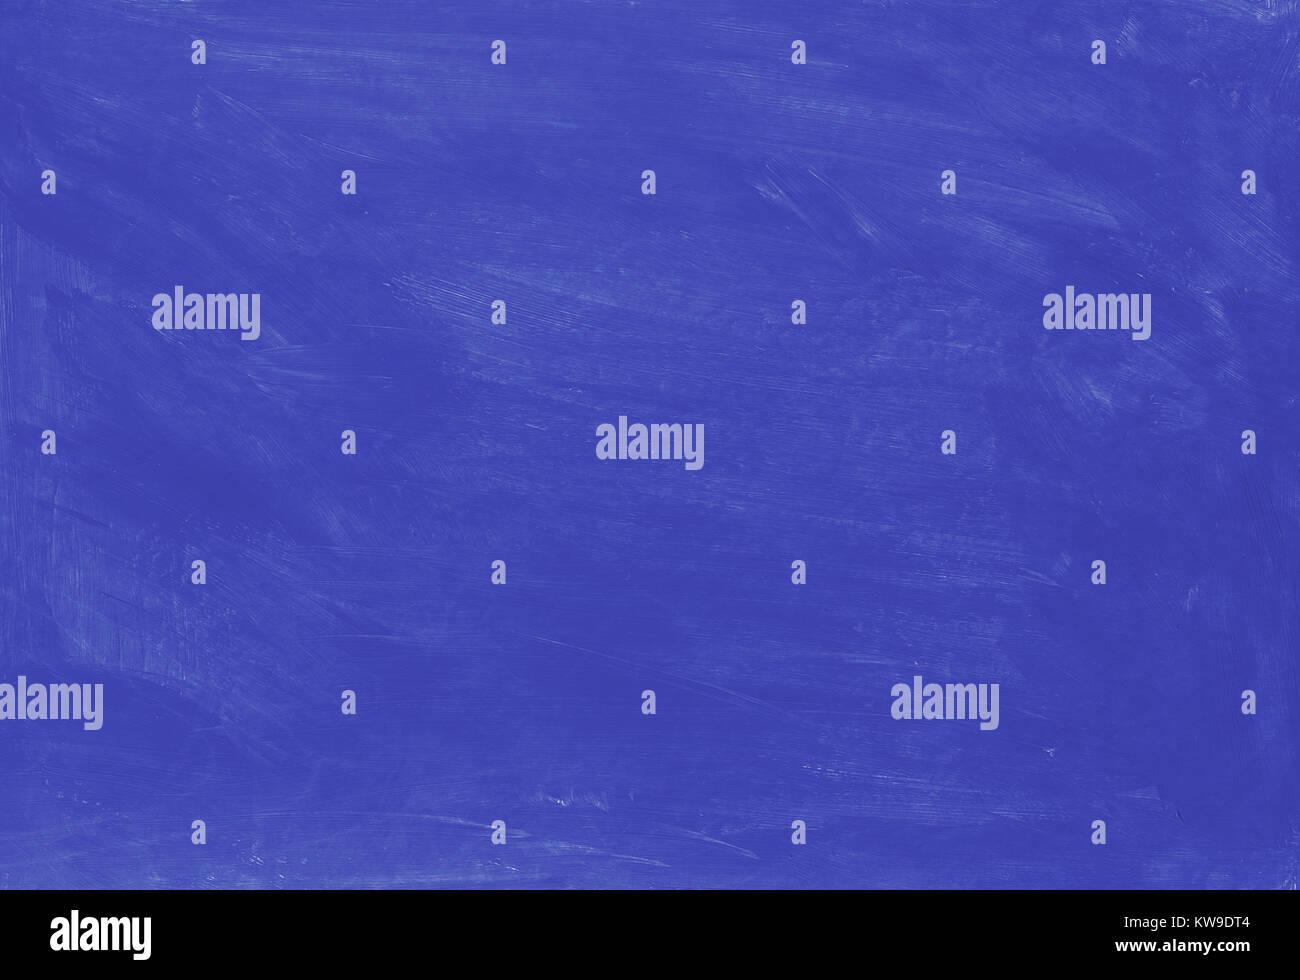 Dipinto Di Blu Texture Di Sfondo Astratto Con Pennellate In Grigio E